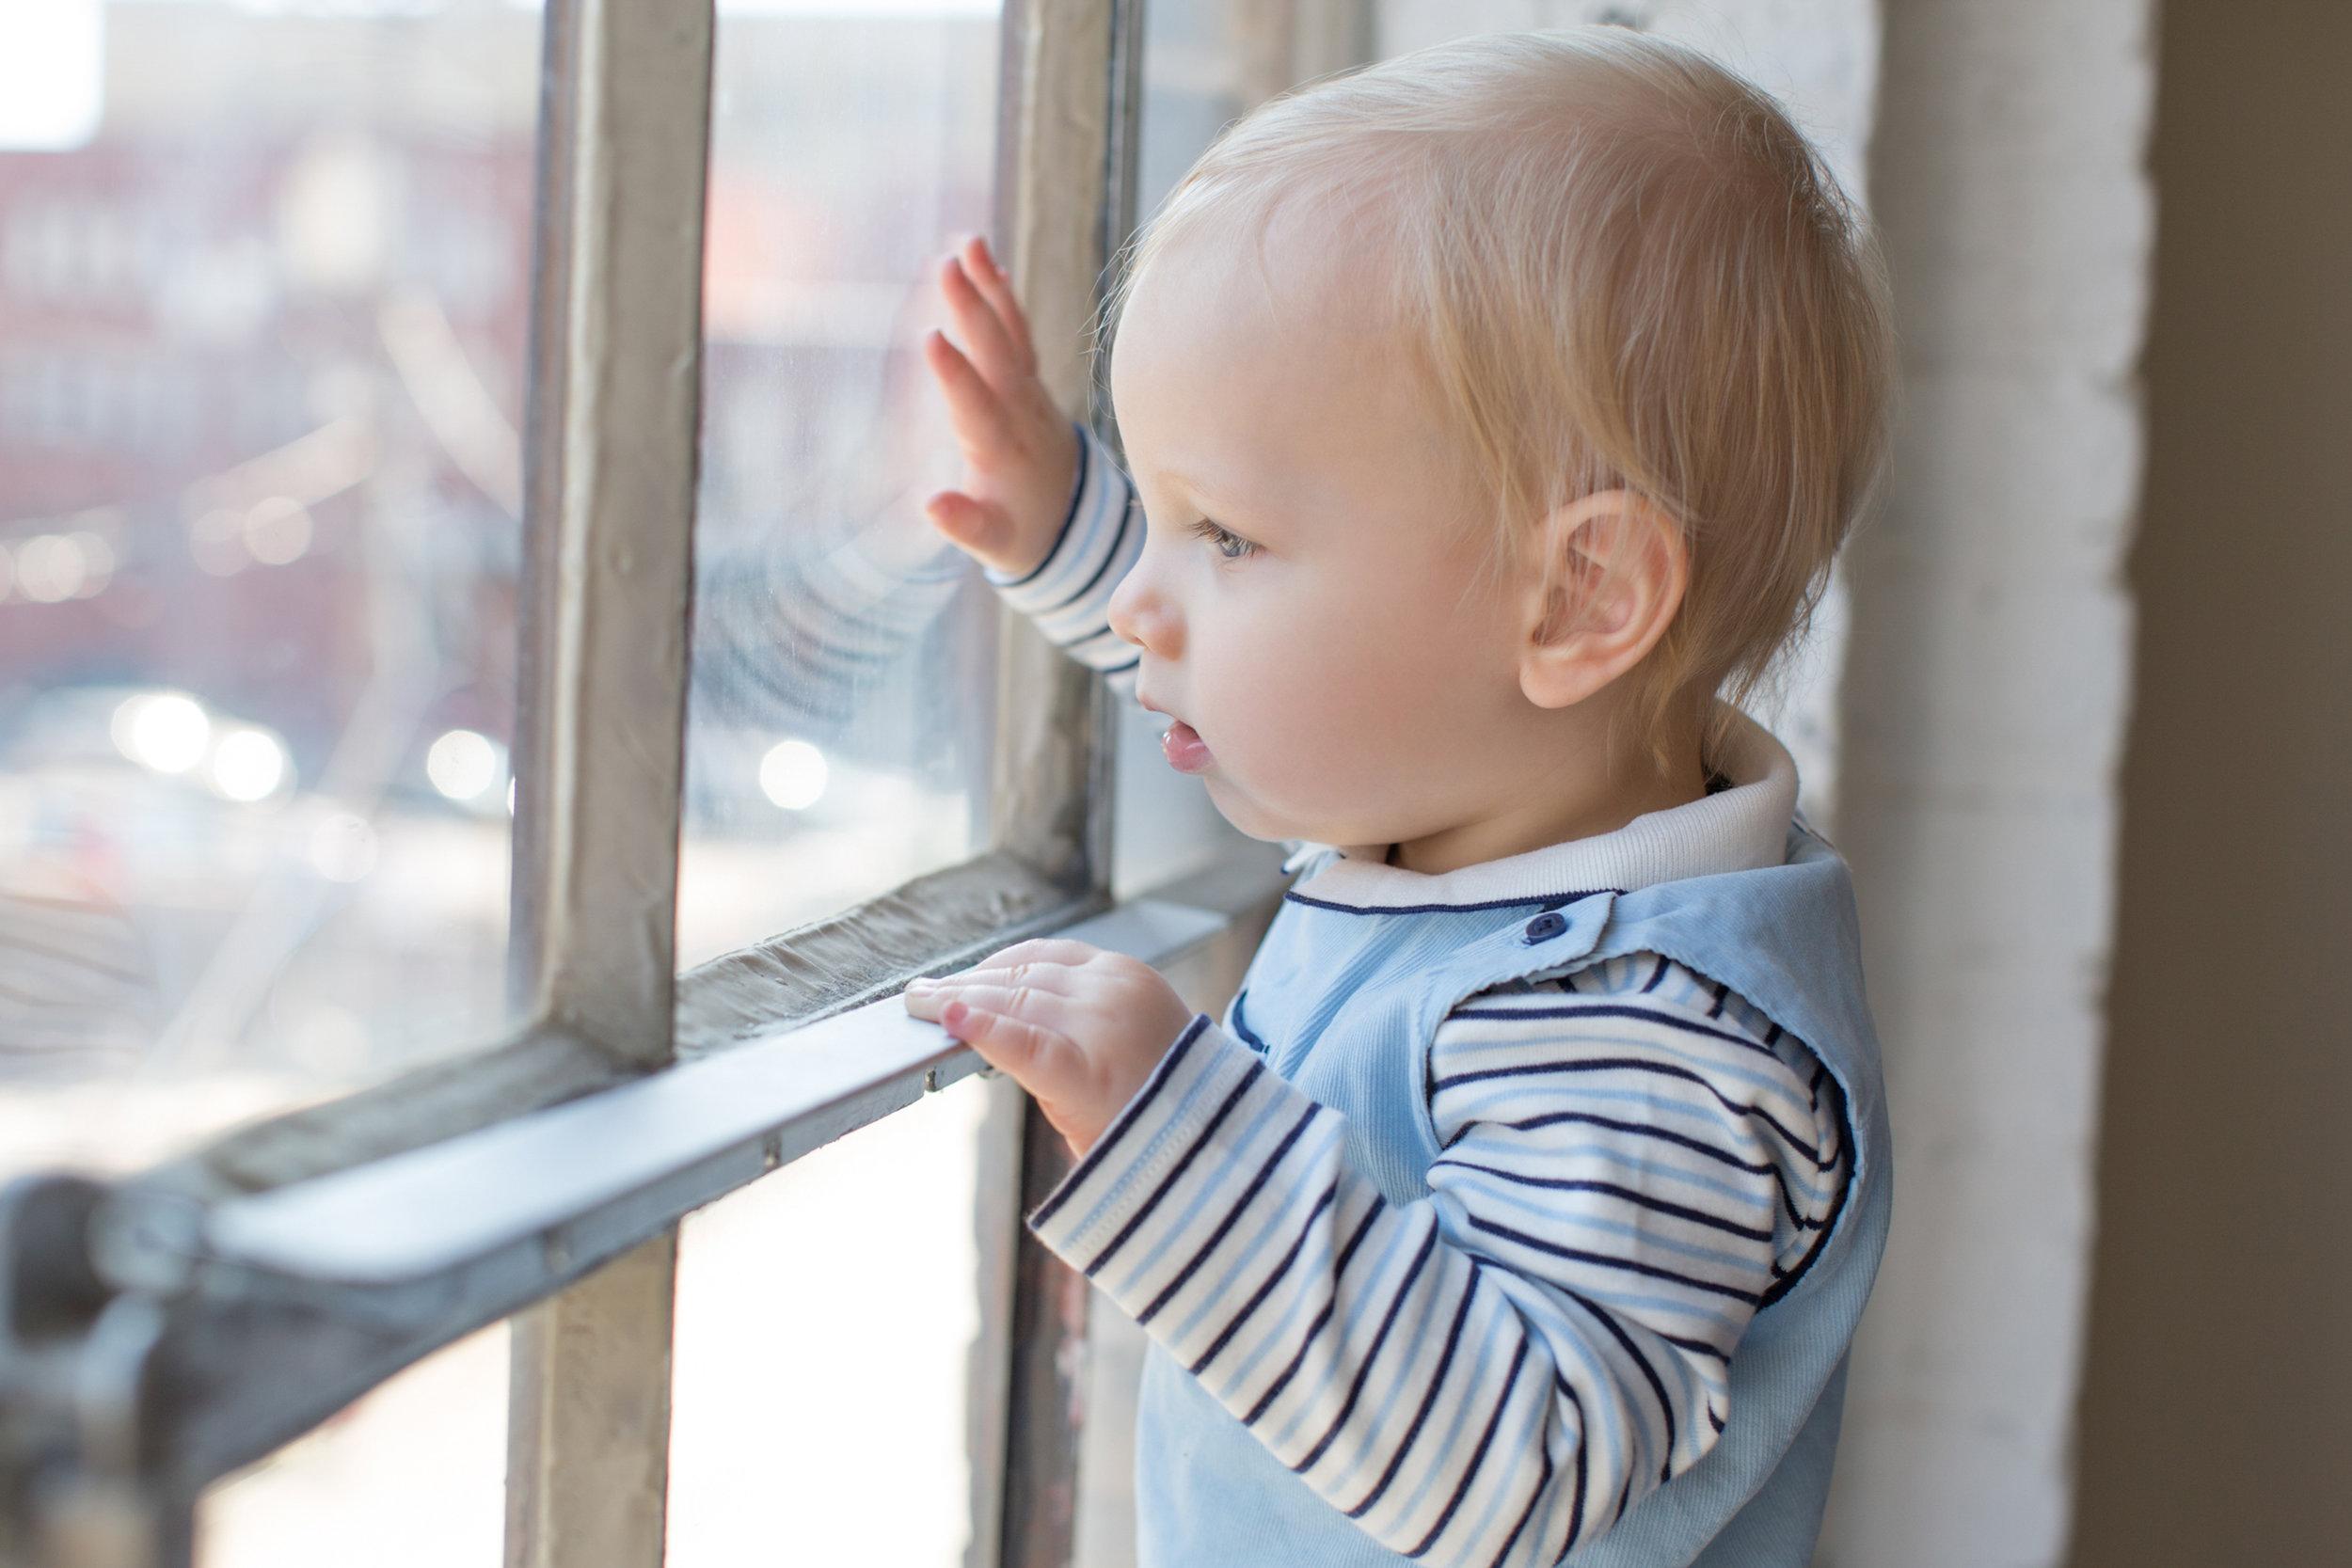 little_boy_looking_out_the_window.jpg